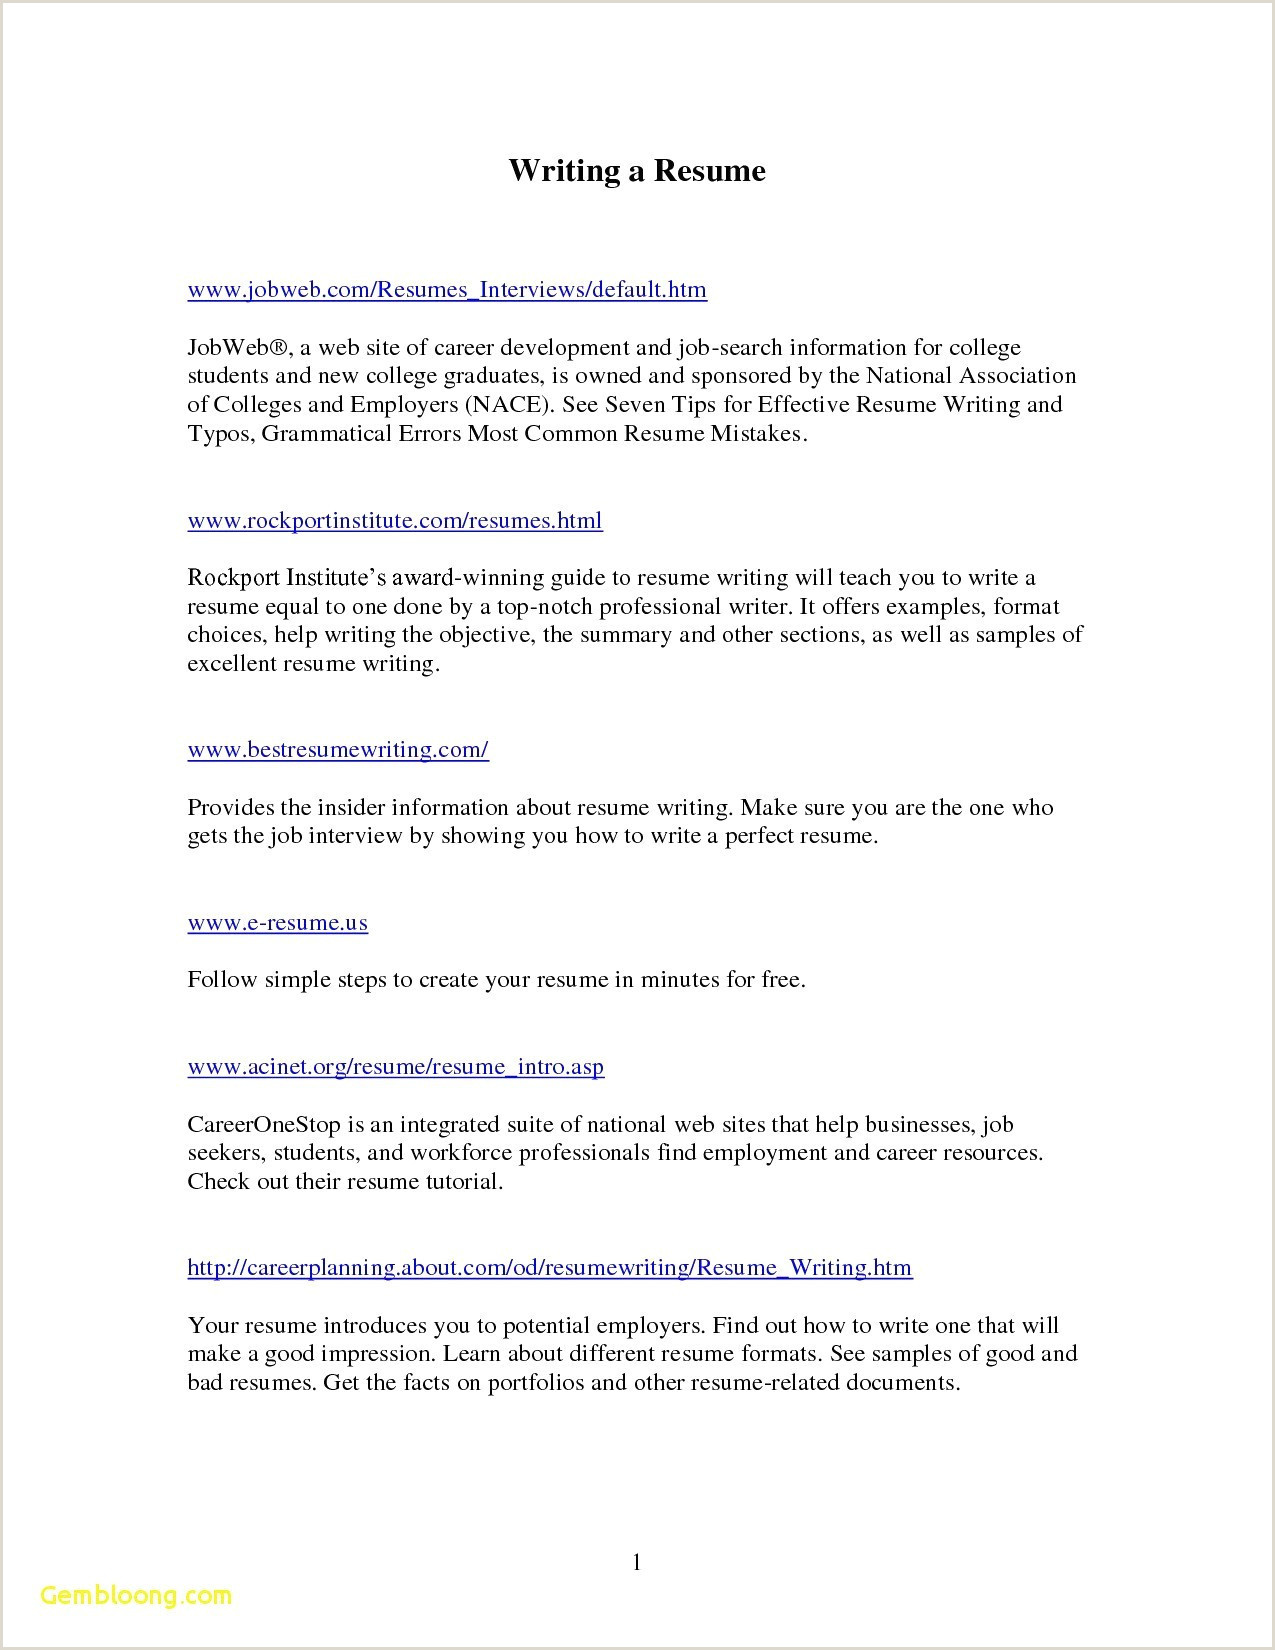 Resume Format For Job Doc Download New Resume Format Doc File Download – 50ger